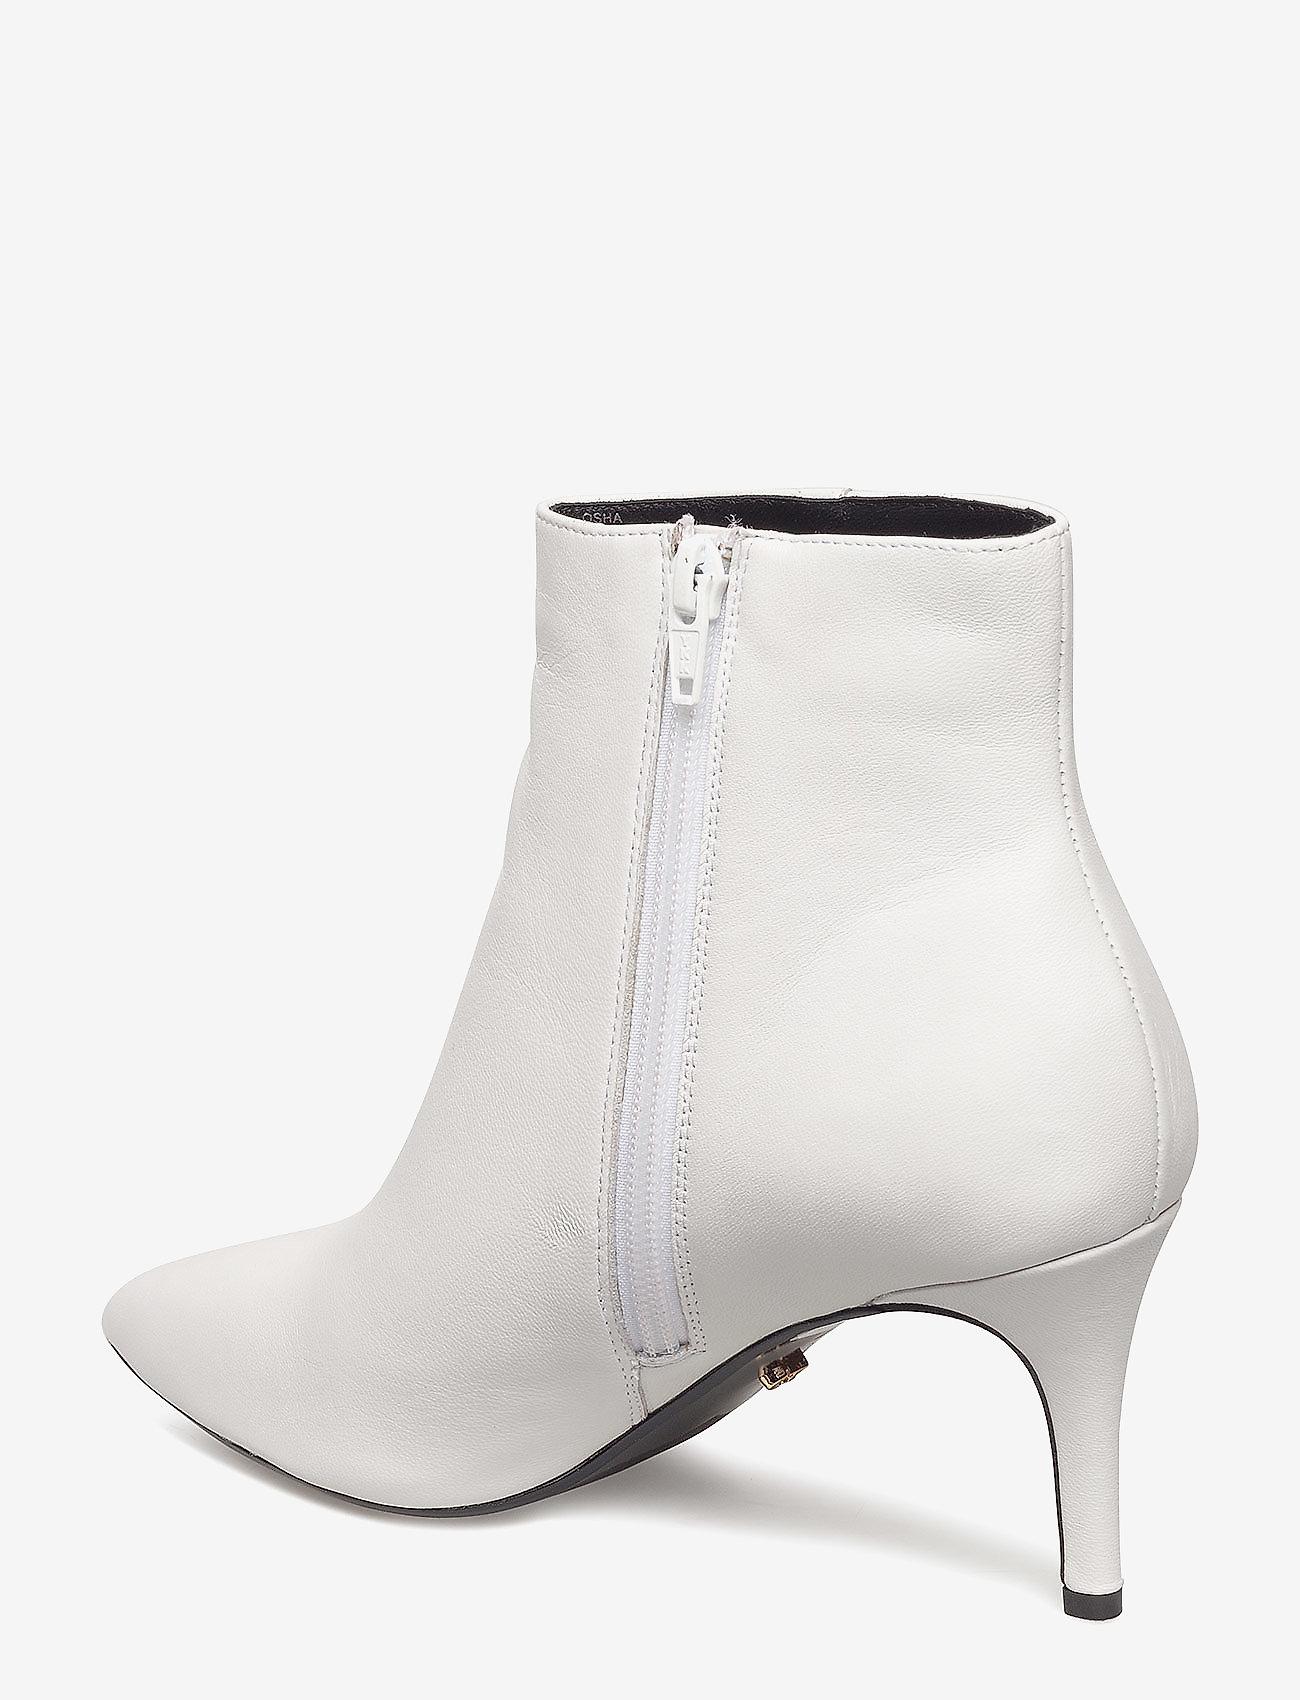 Osha (White-leather) - Dune London